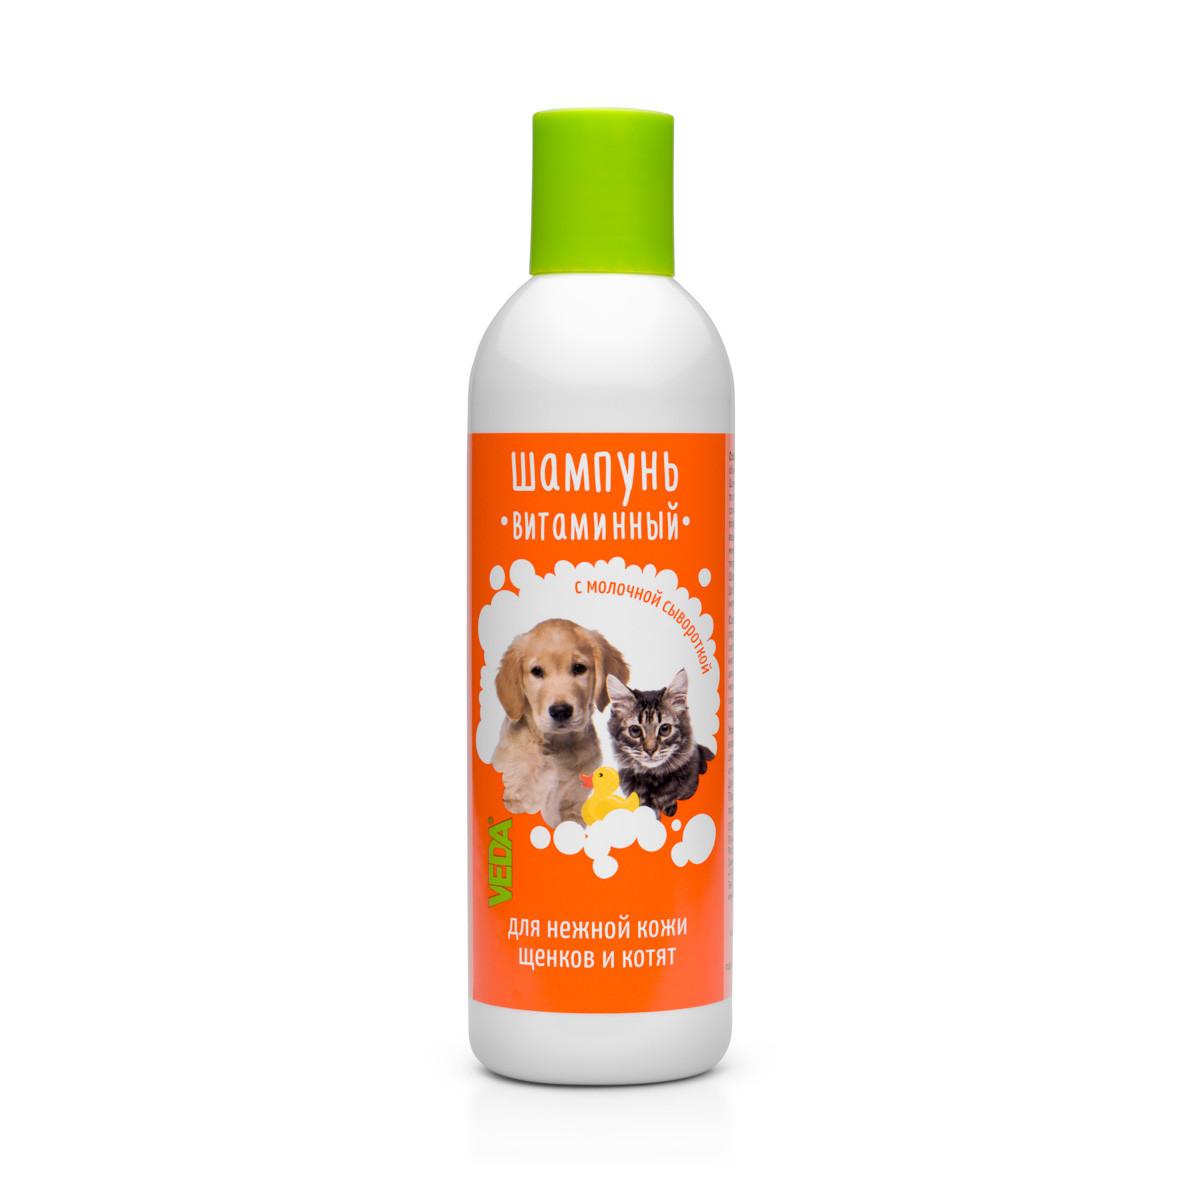 Шампунь Витаминный для щенков и котят